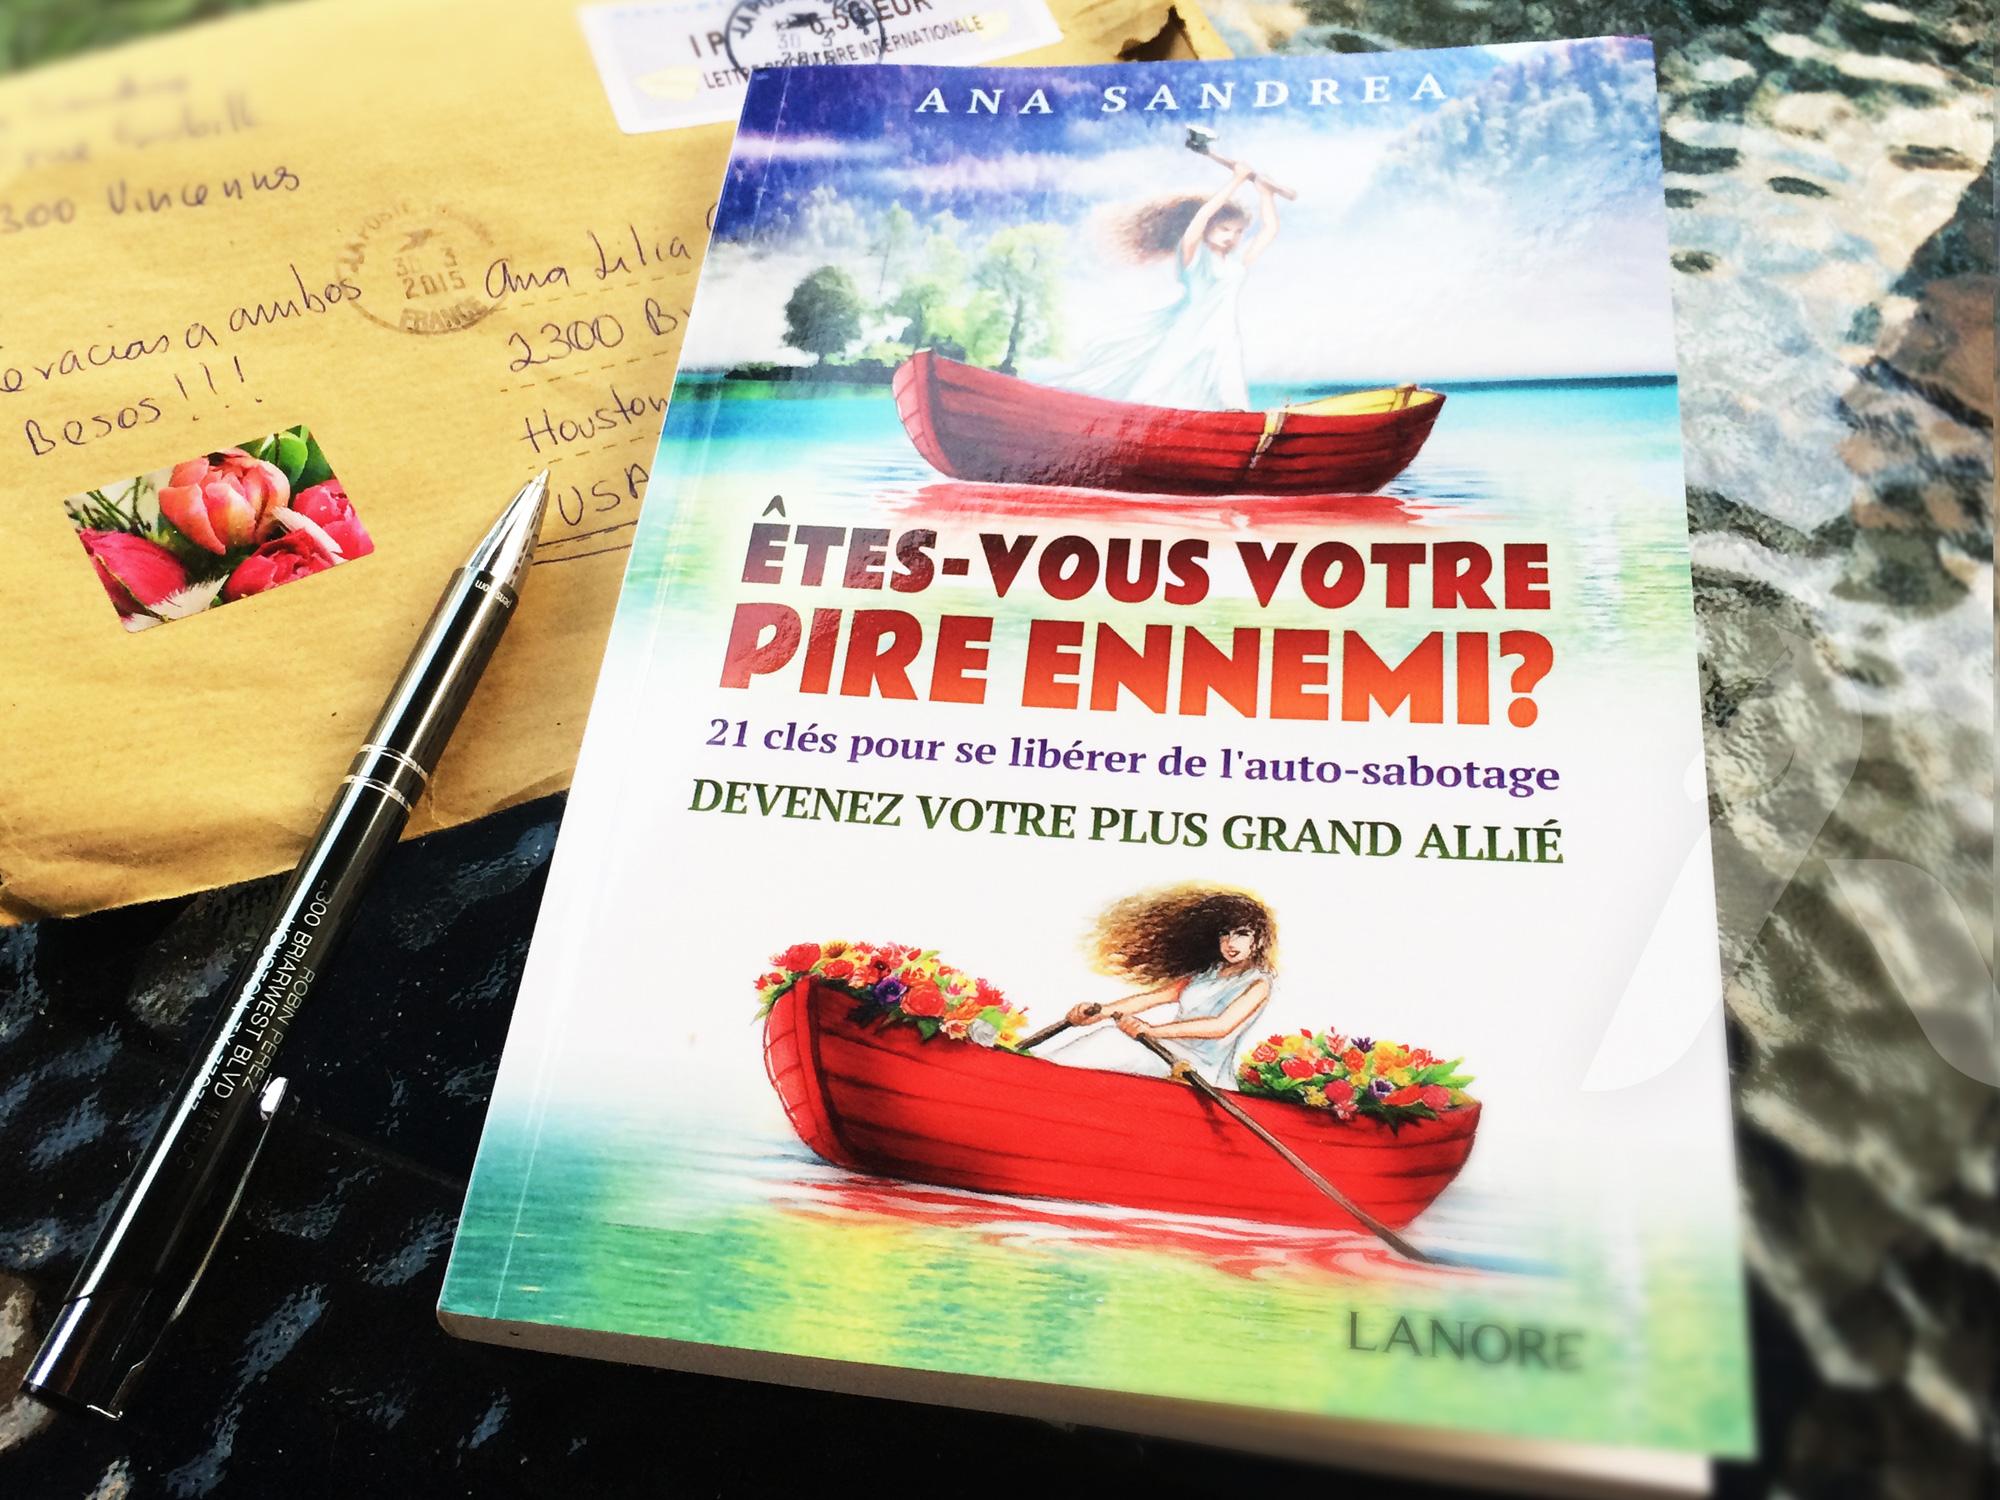 Book cover design & illustration - Etres vous votre pire ennemi?